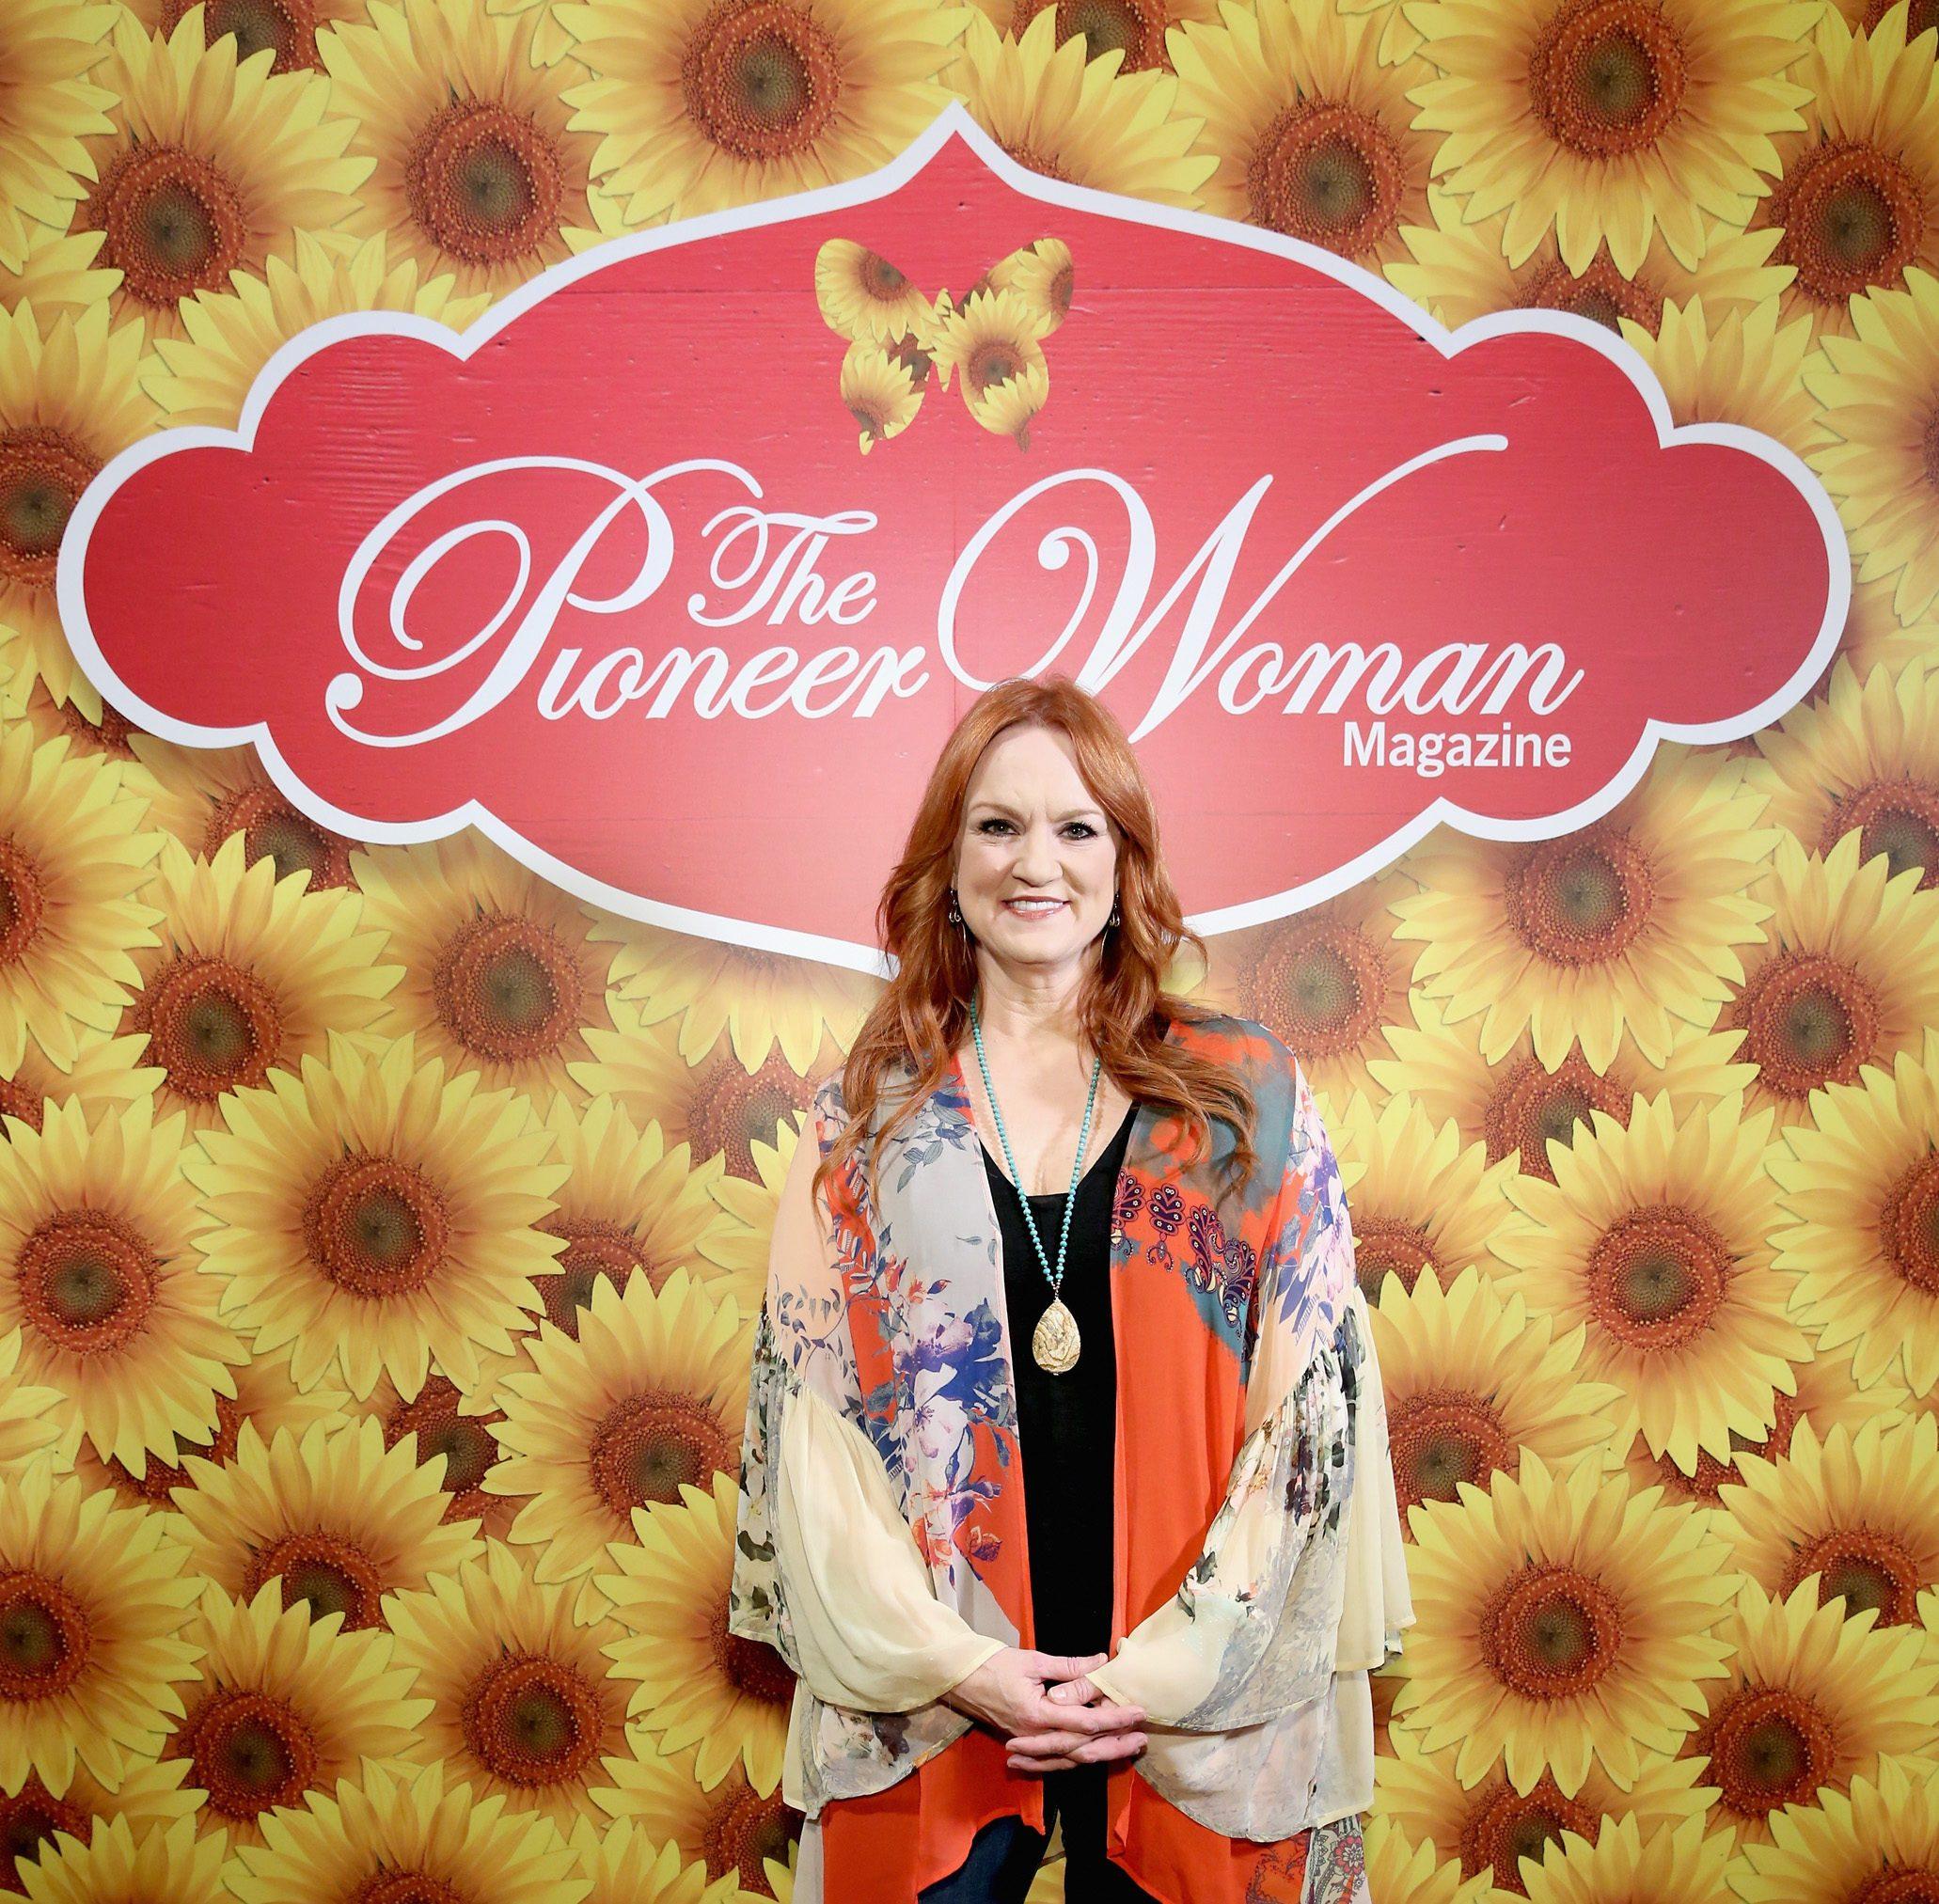 Ree Drummond The Pioneer Woman